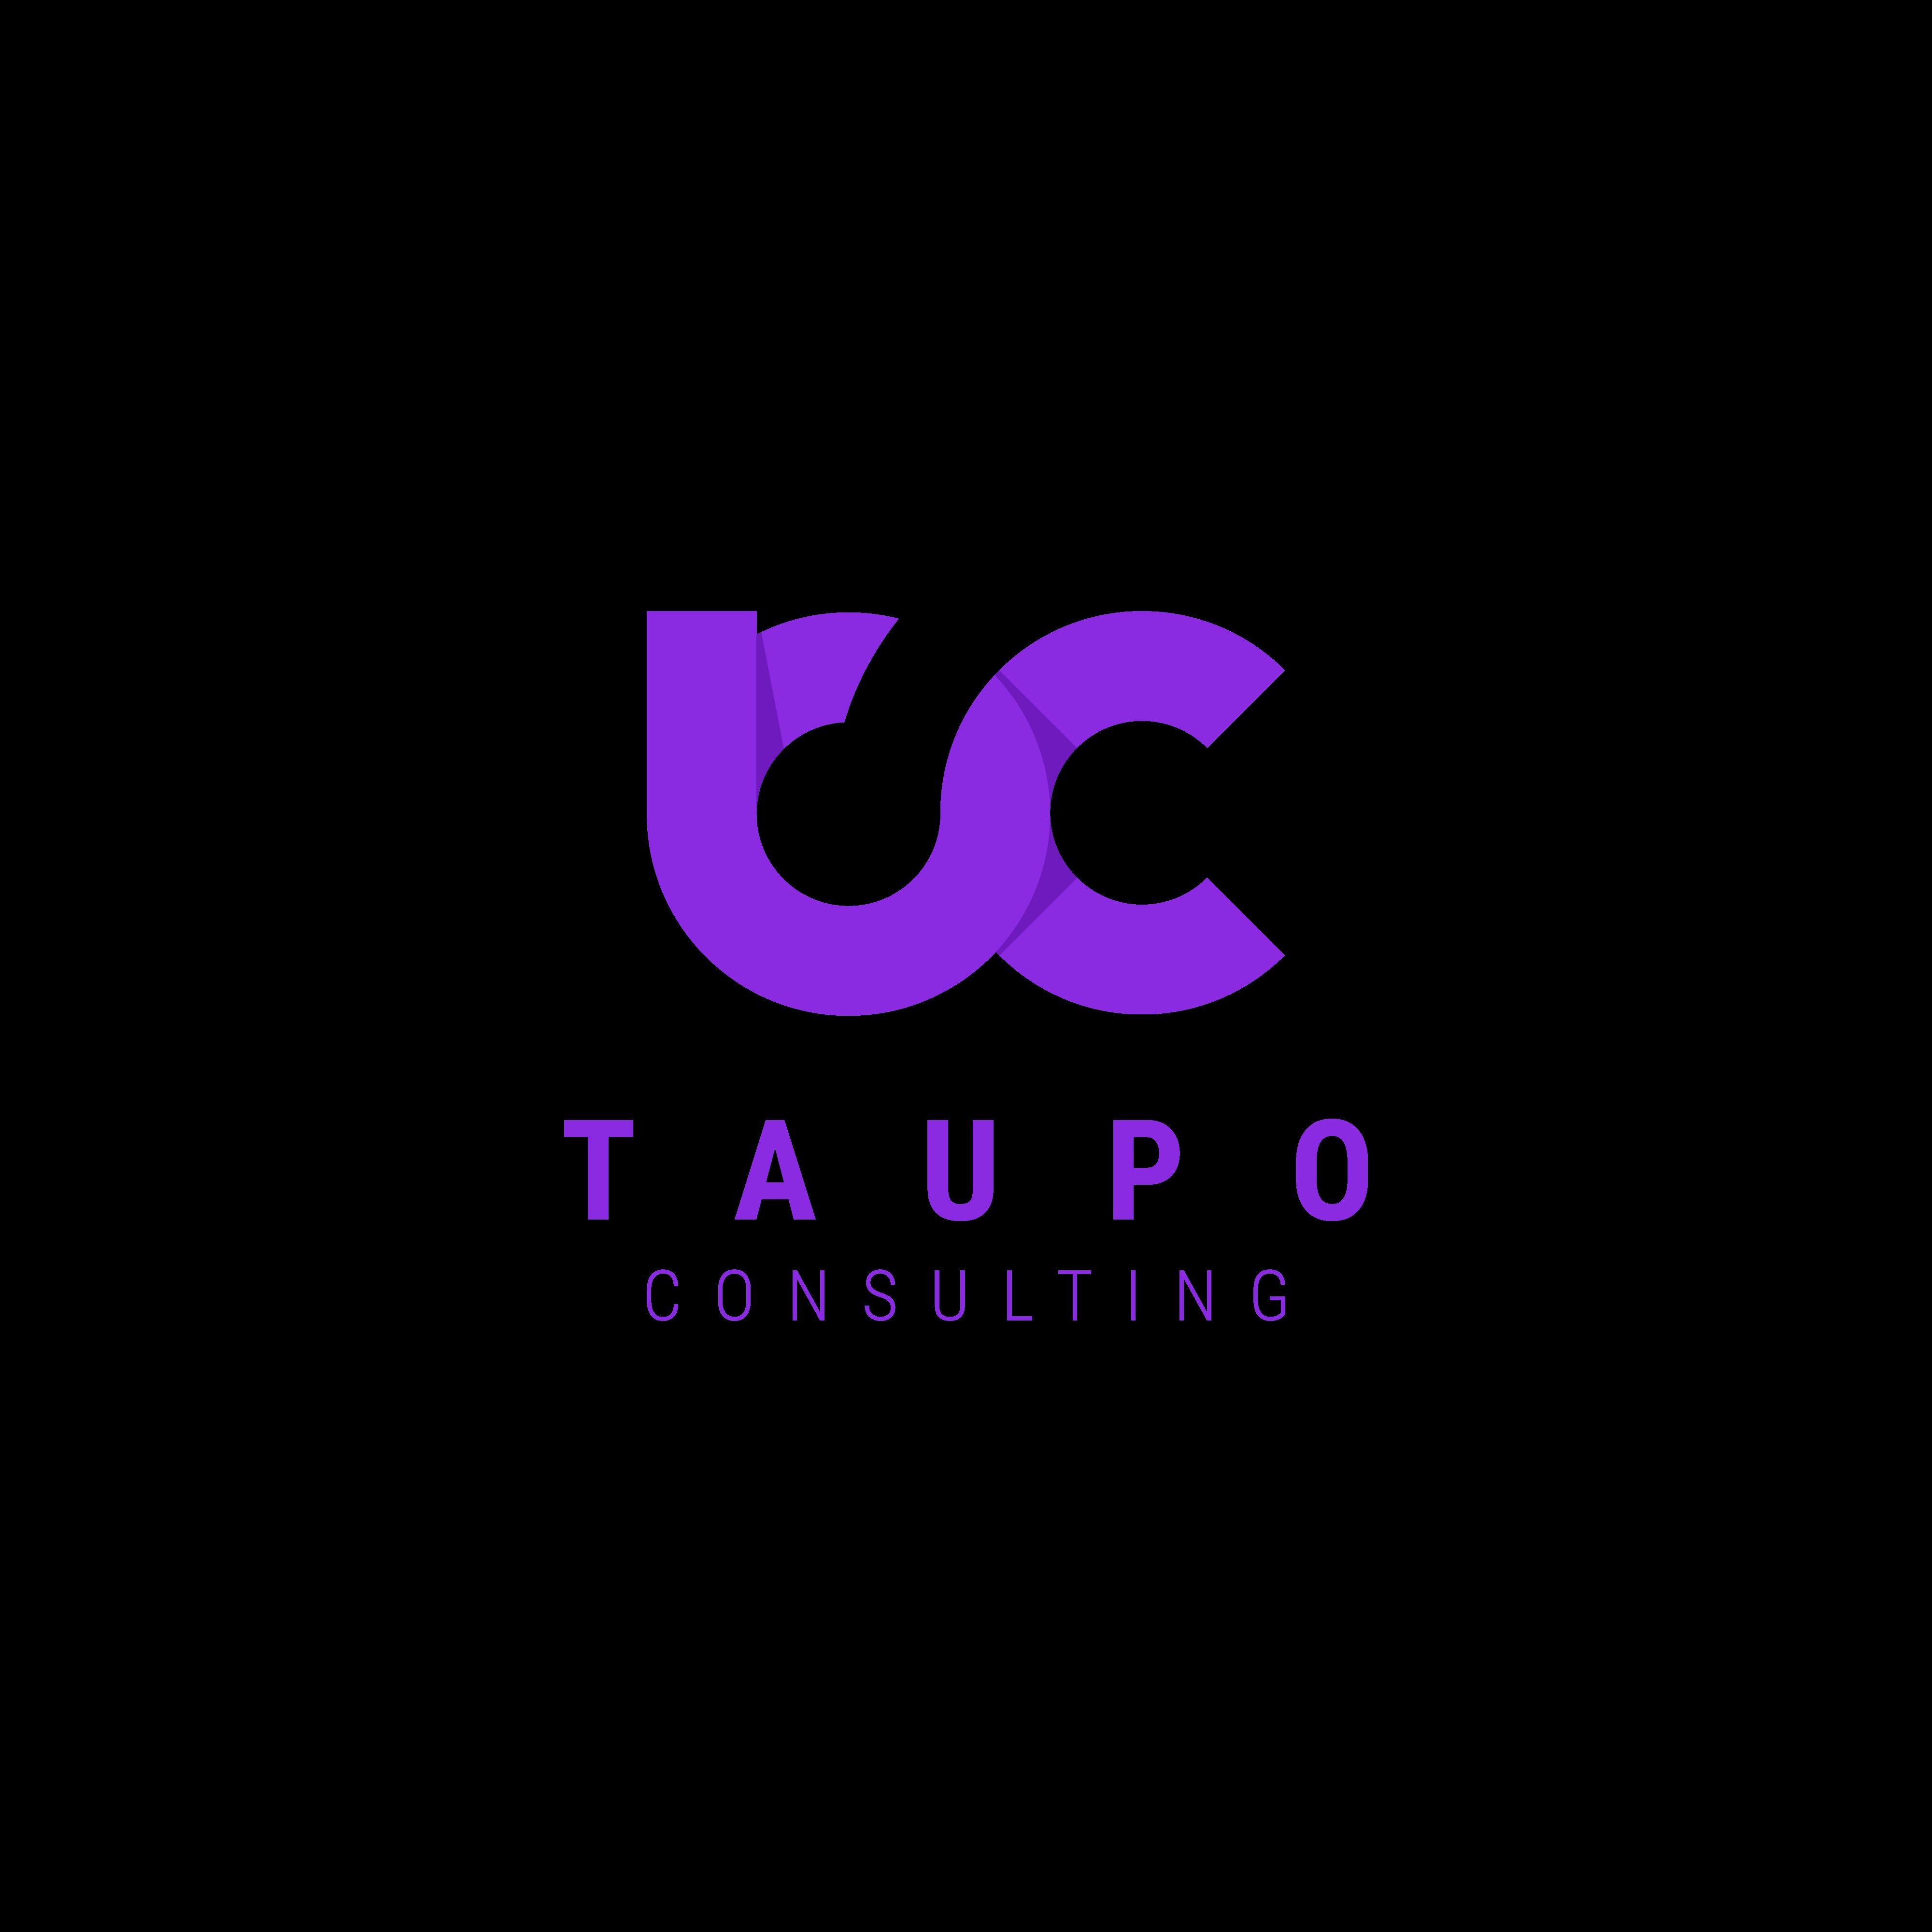 Taupo Consulting